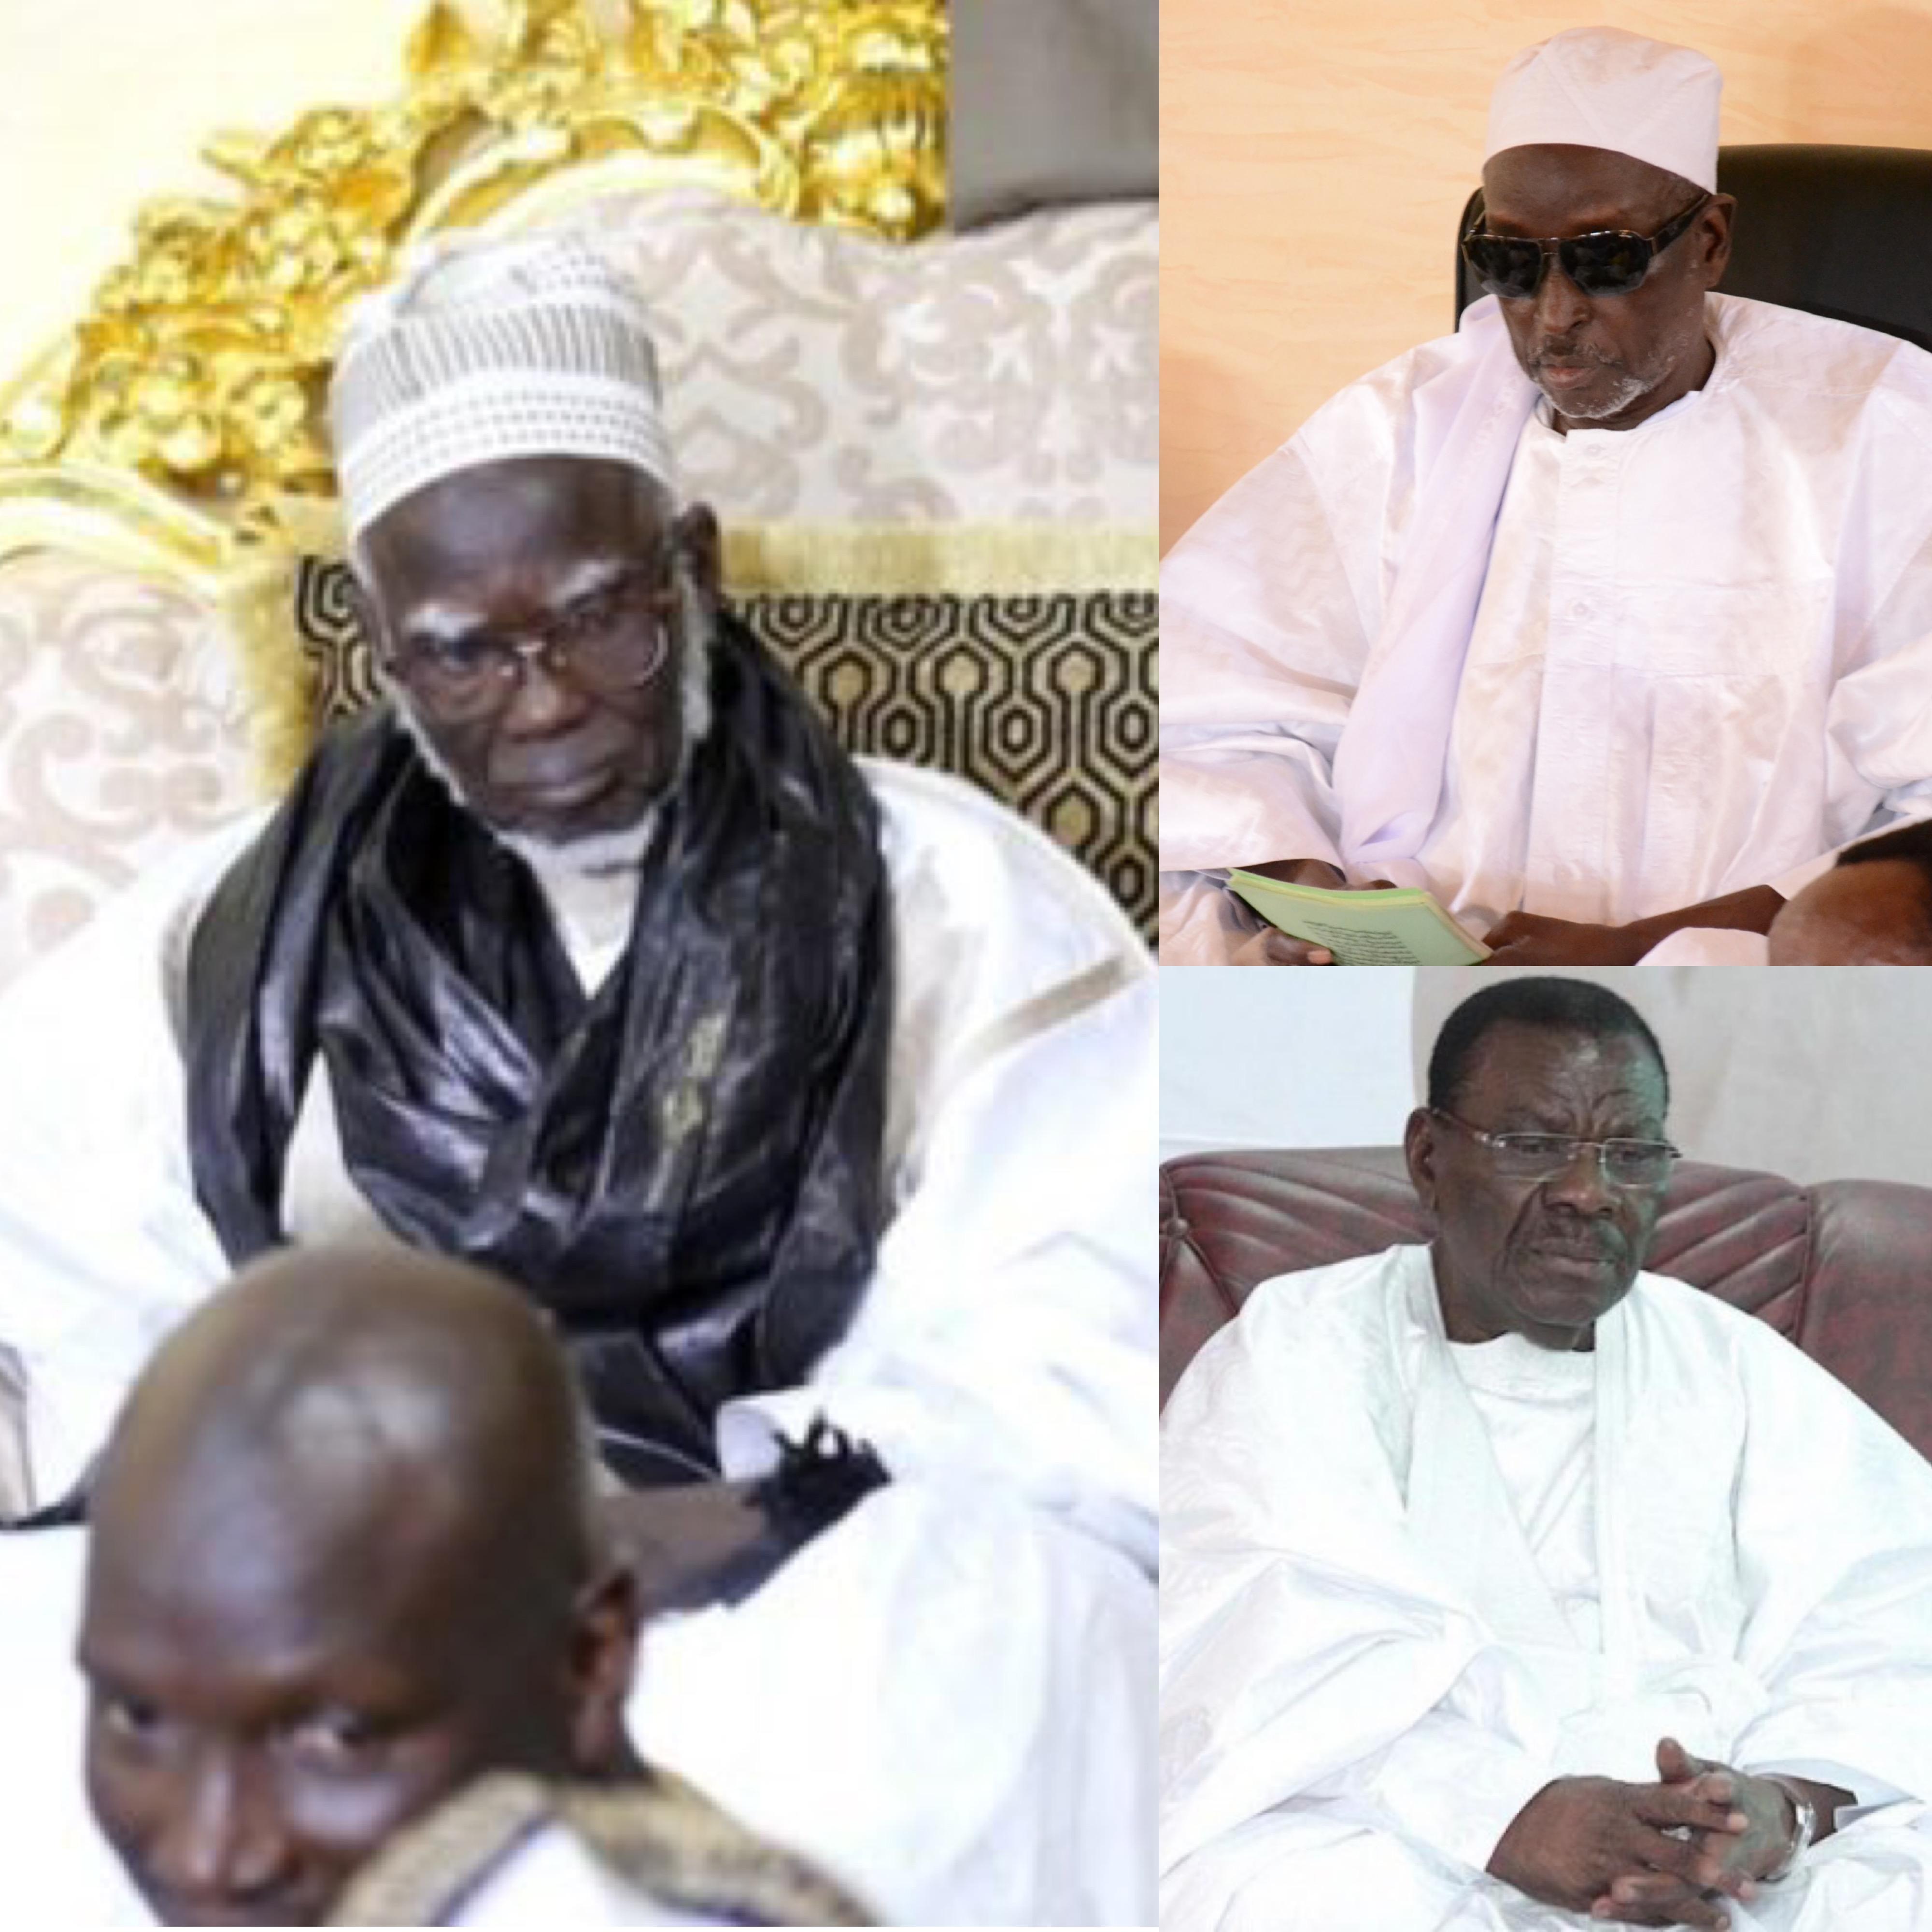 INHUMATION À TOUBA / Et si Cheikh Béthio avait, en dernier lieu, émis le souhait de reposer dans la cité... Ces volontés clairement exprimées par Serigne Mountakha et Serigne Cheikh Saliou...